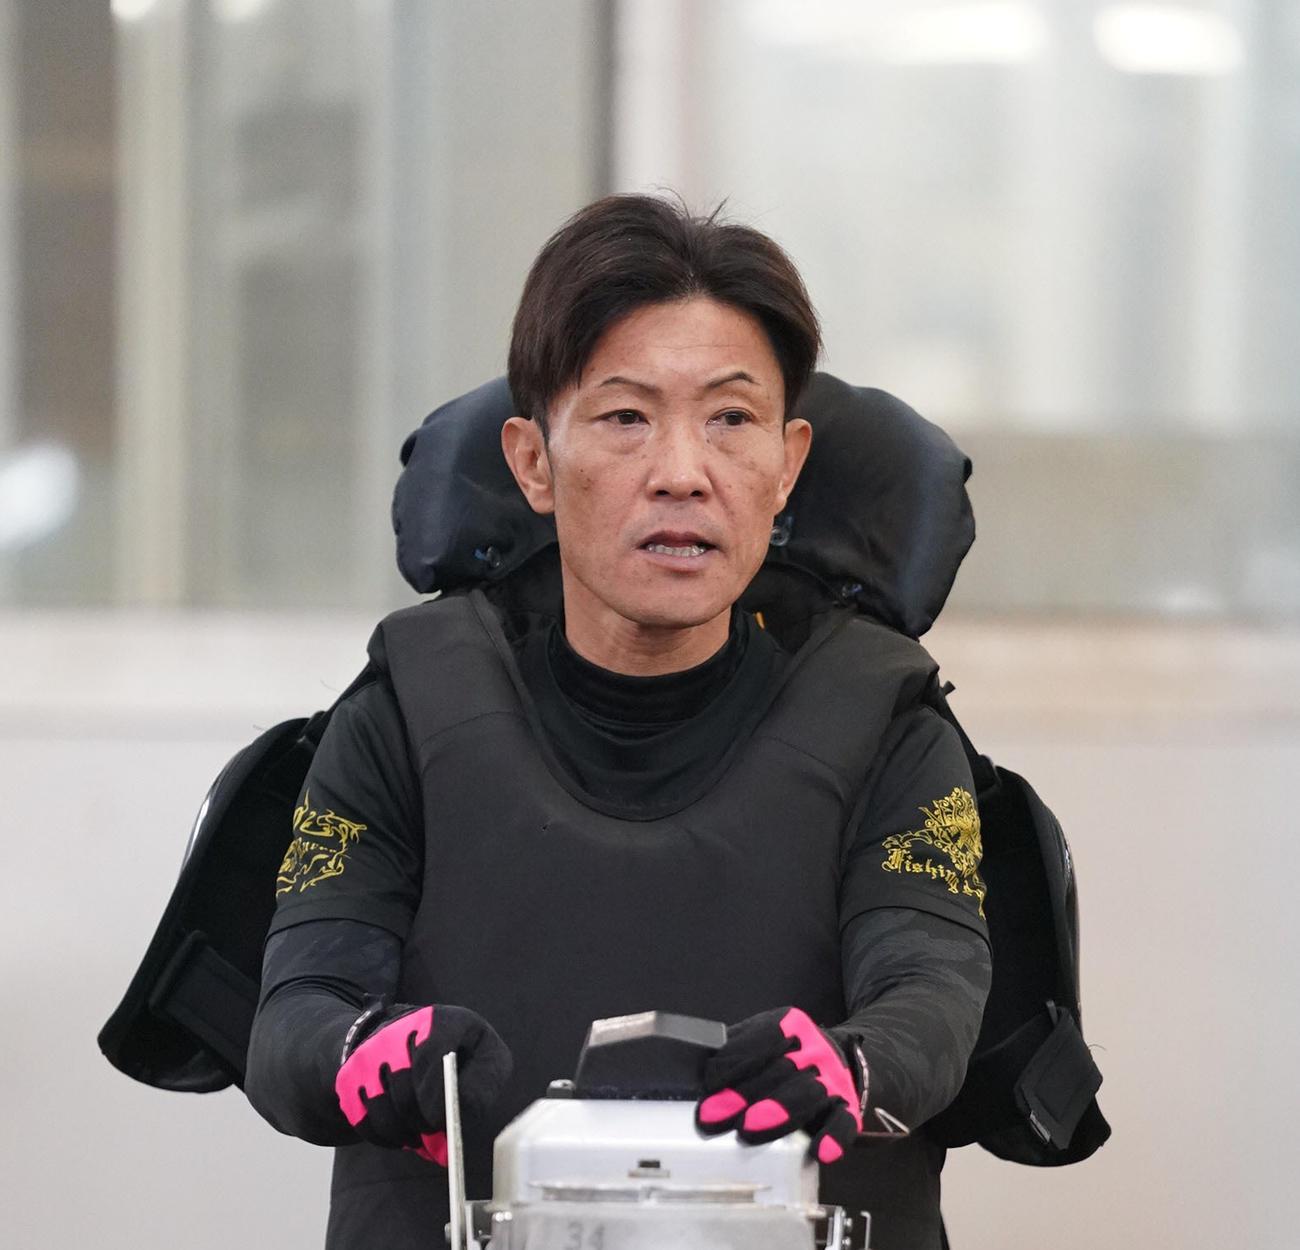 レース中に亡くなった松本勝也さん(2019年12月17日撮影)